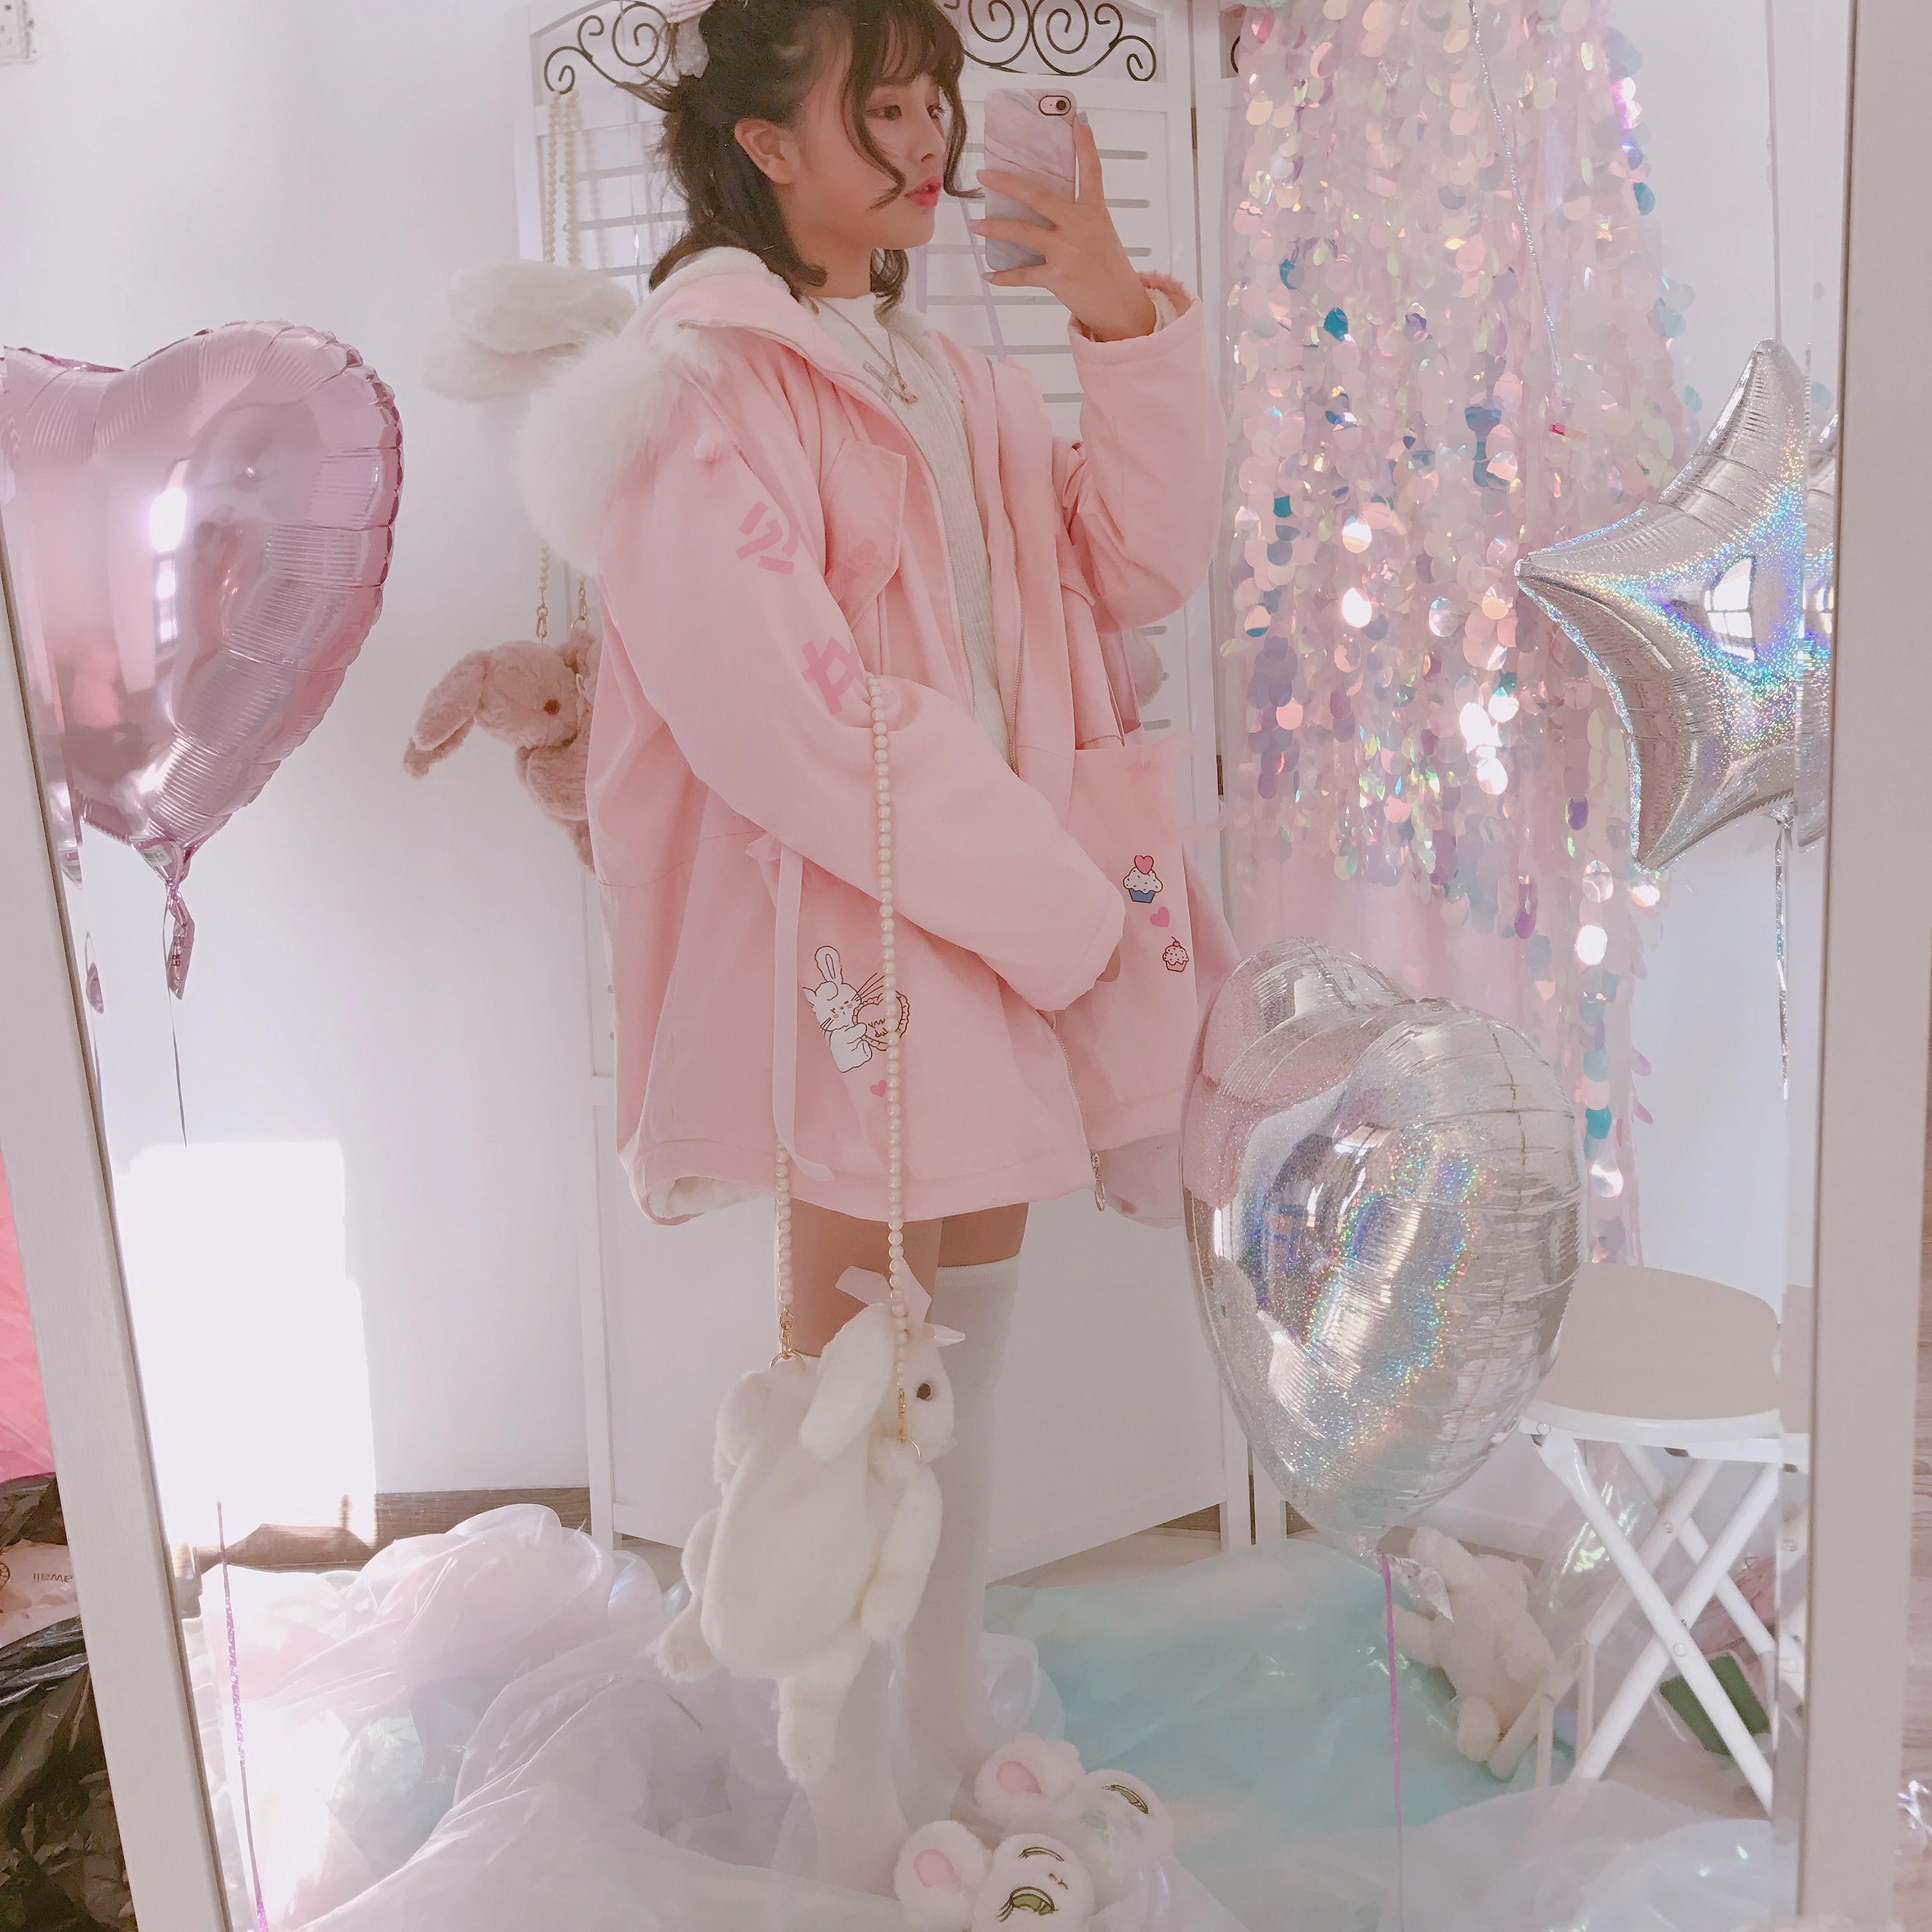 Lapin Fille Hiver Dessinée Kawaii Mode Femmes Adolescent De Mignon Décontracté Japonais Imprimer Pardessus Chaud Lâche Manteau Bande Long Vestes Rose qxdvTnqR